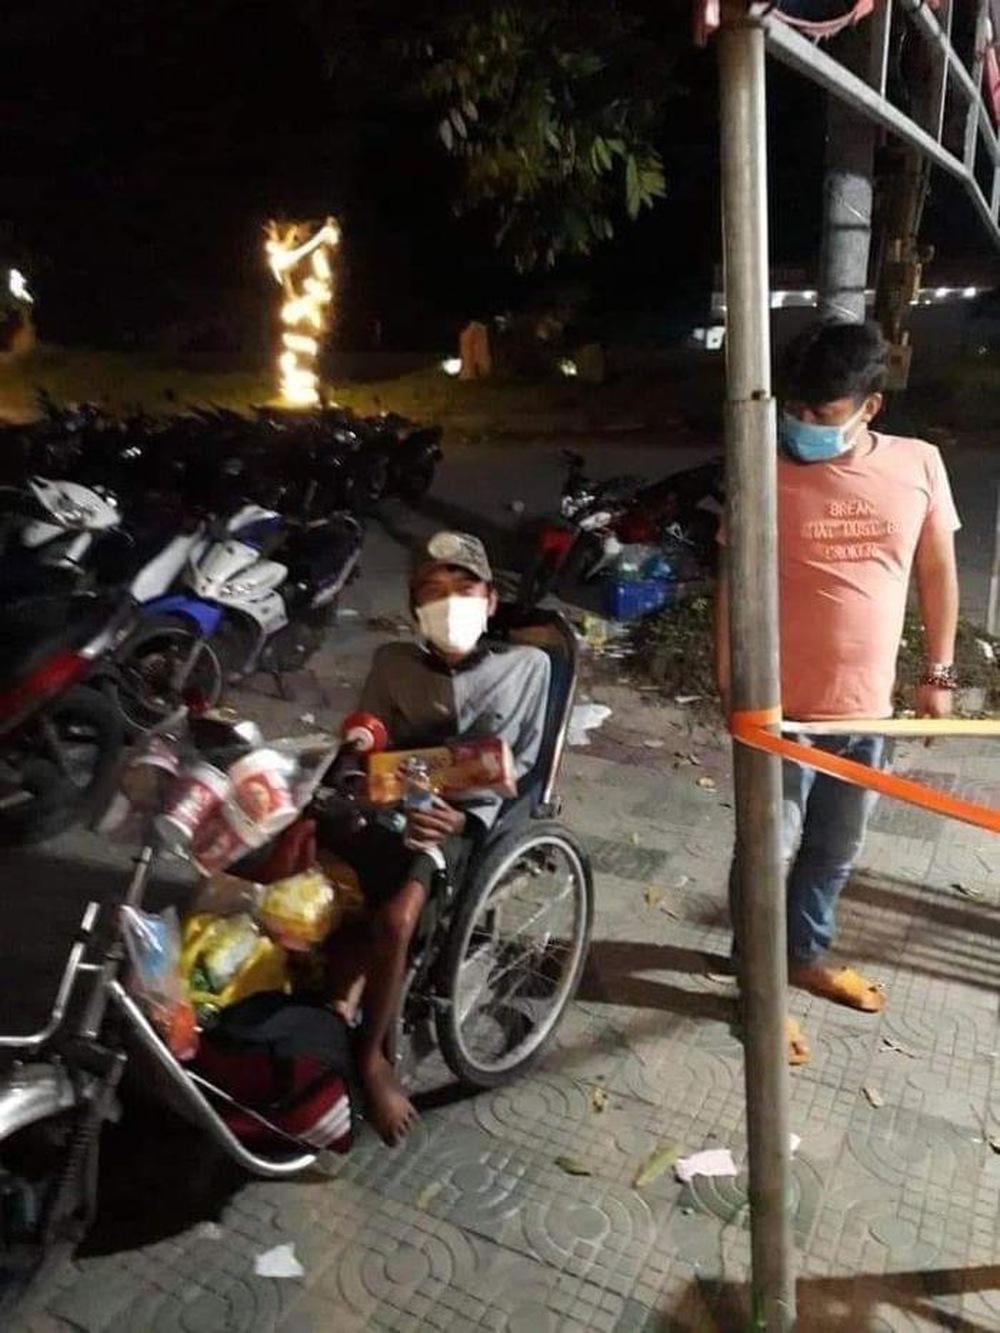 Rớt nước mắt cảnh chàng trai một mình đi xe lăn 7 ngày từ Sài Gòn về Phú Yên: Anh ấy ngồi còn không vững - Ảnh 1.